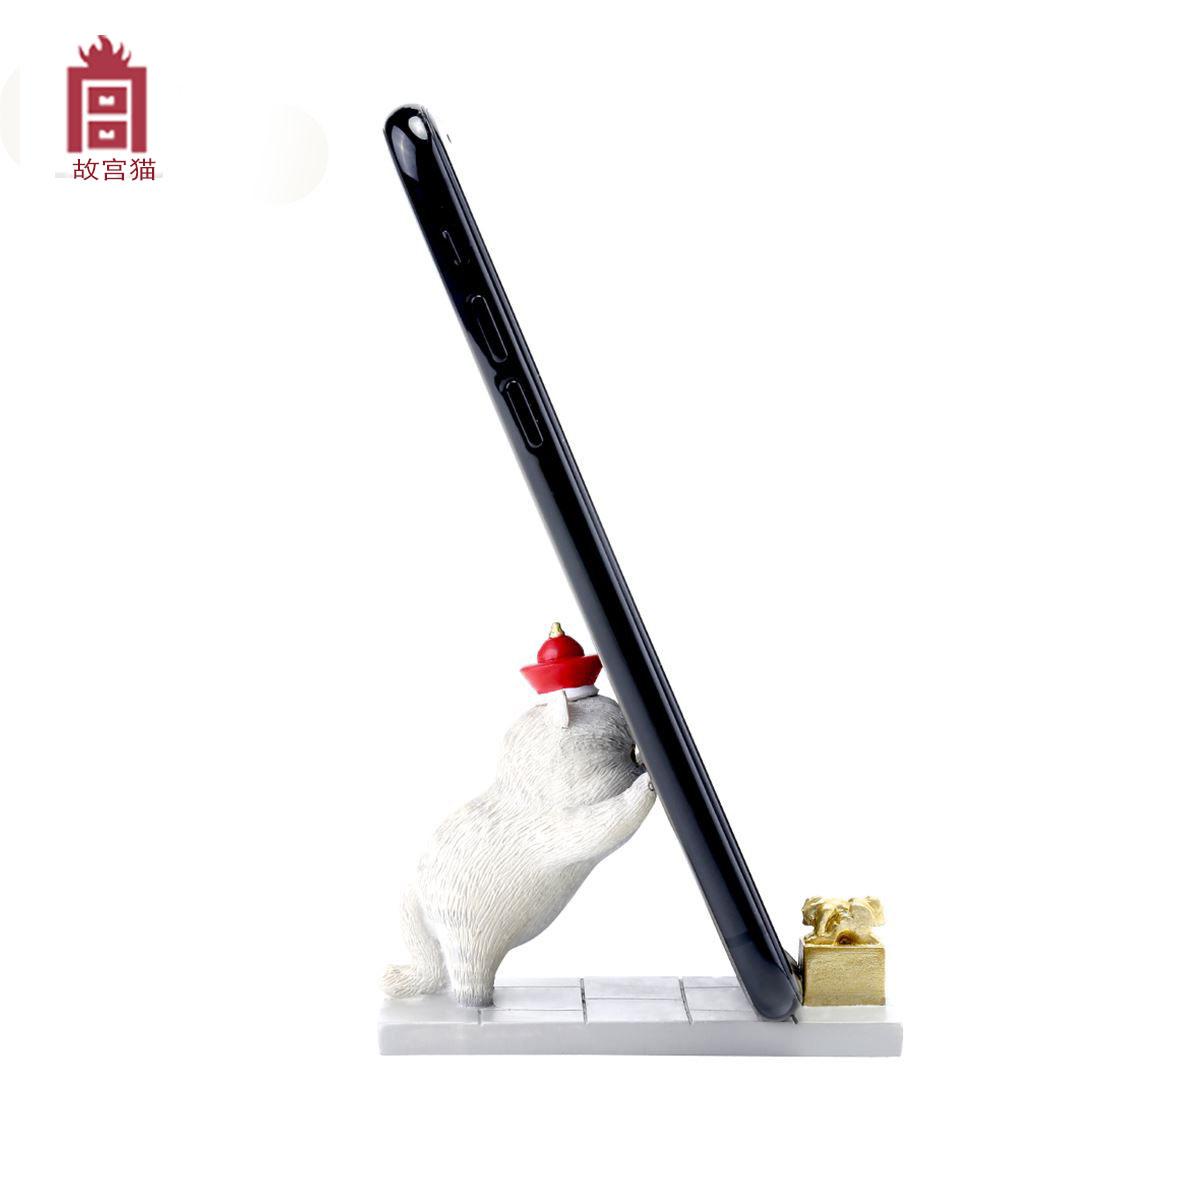 (用1元券)【故宫淘宝】中秋国庆手机架本猫高贵玉玺男女生日礼物手机座摆件